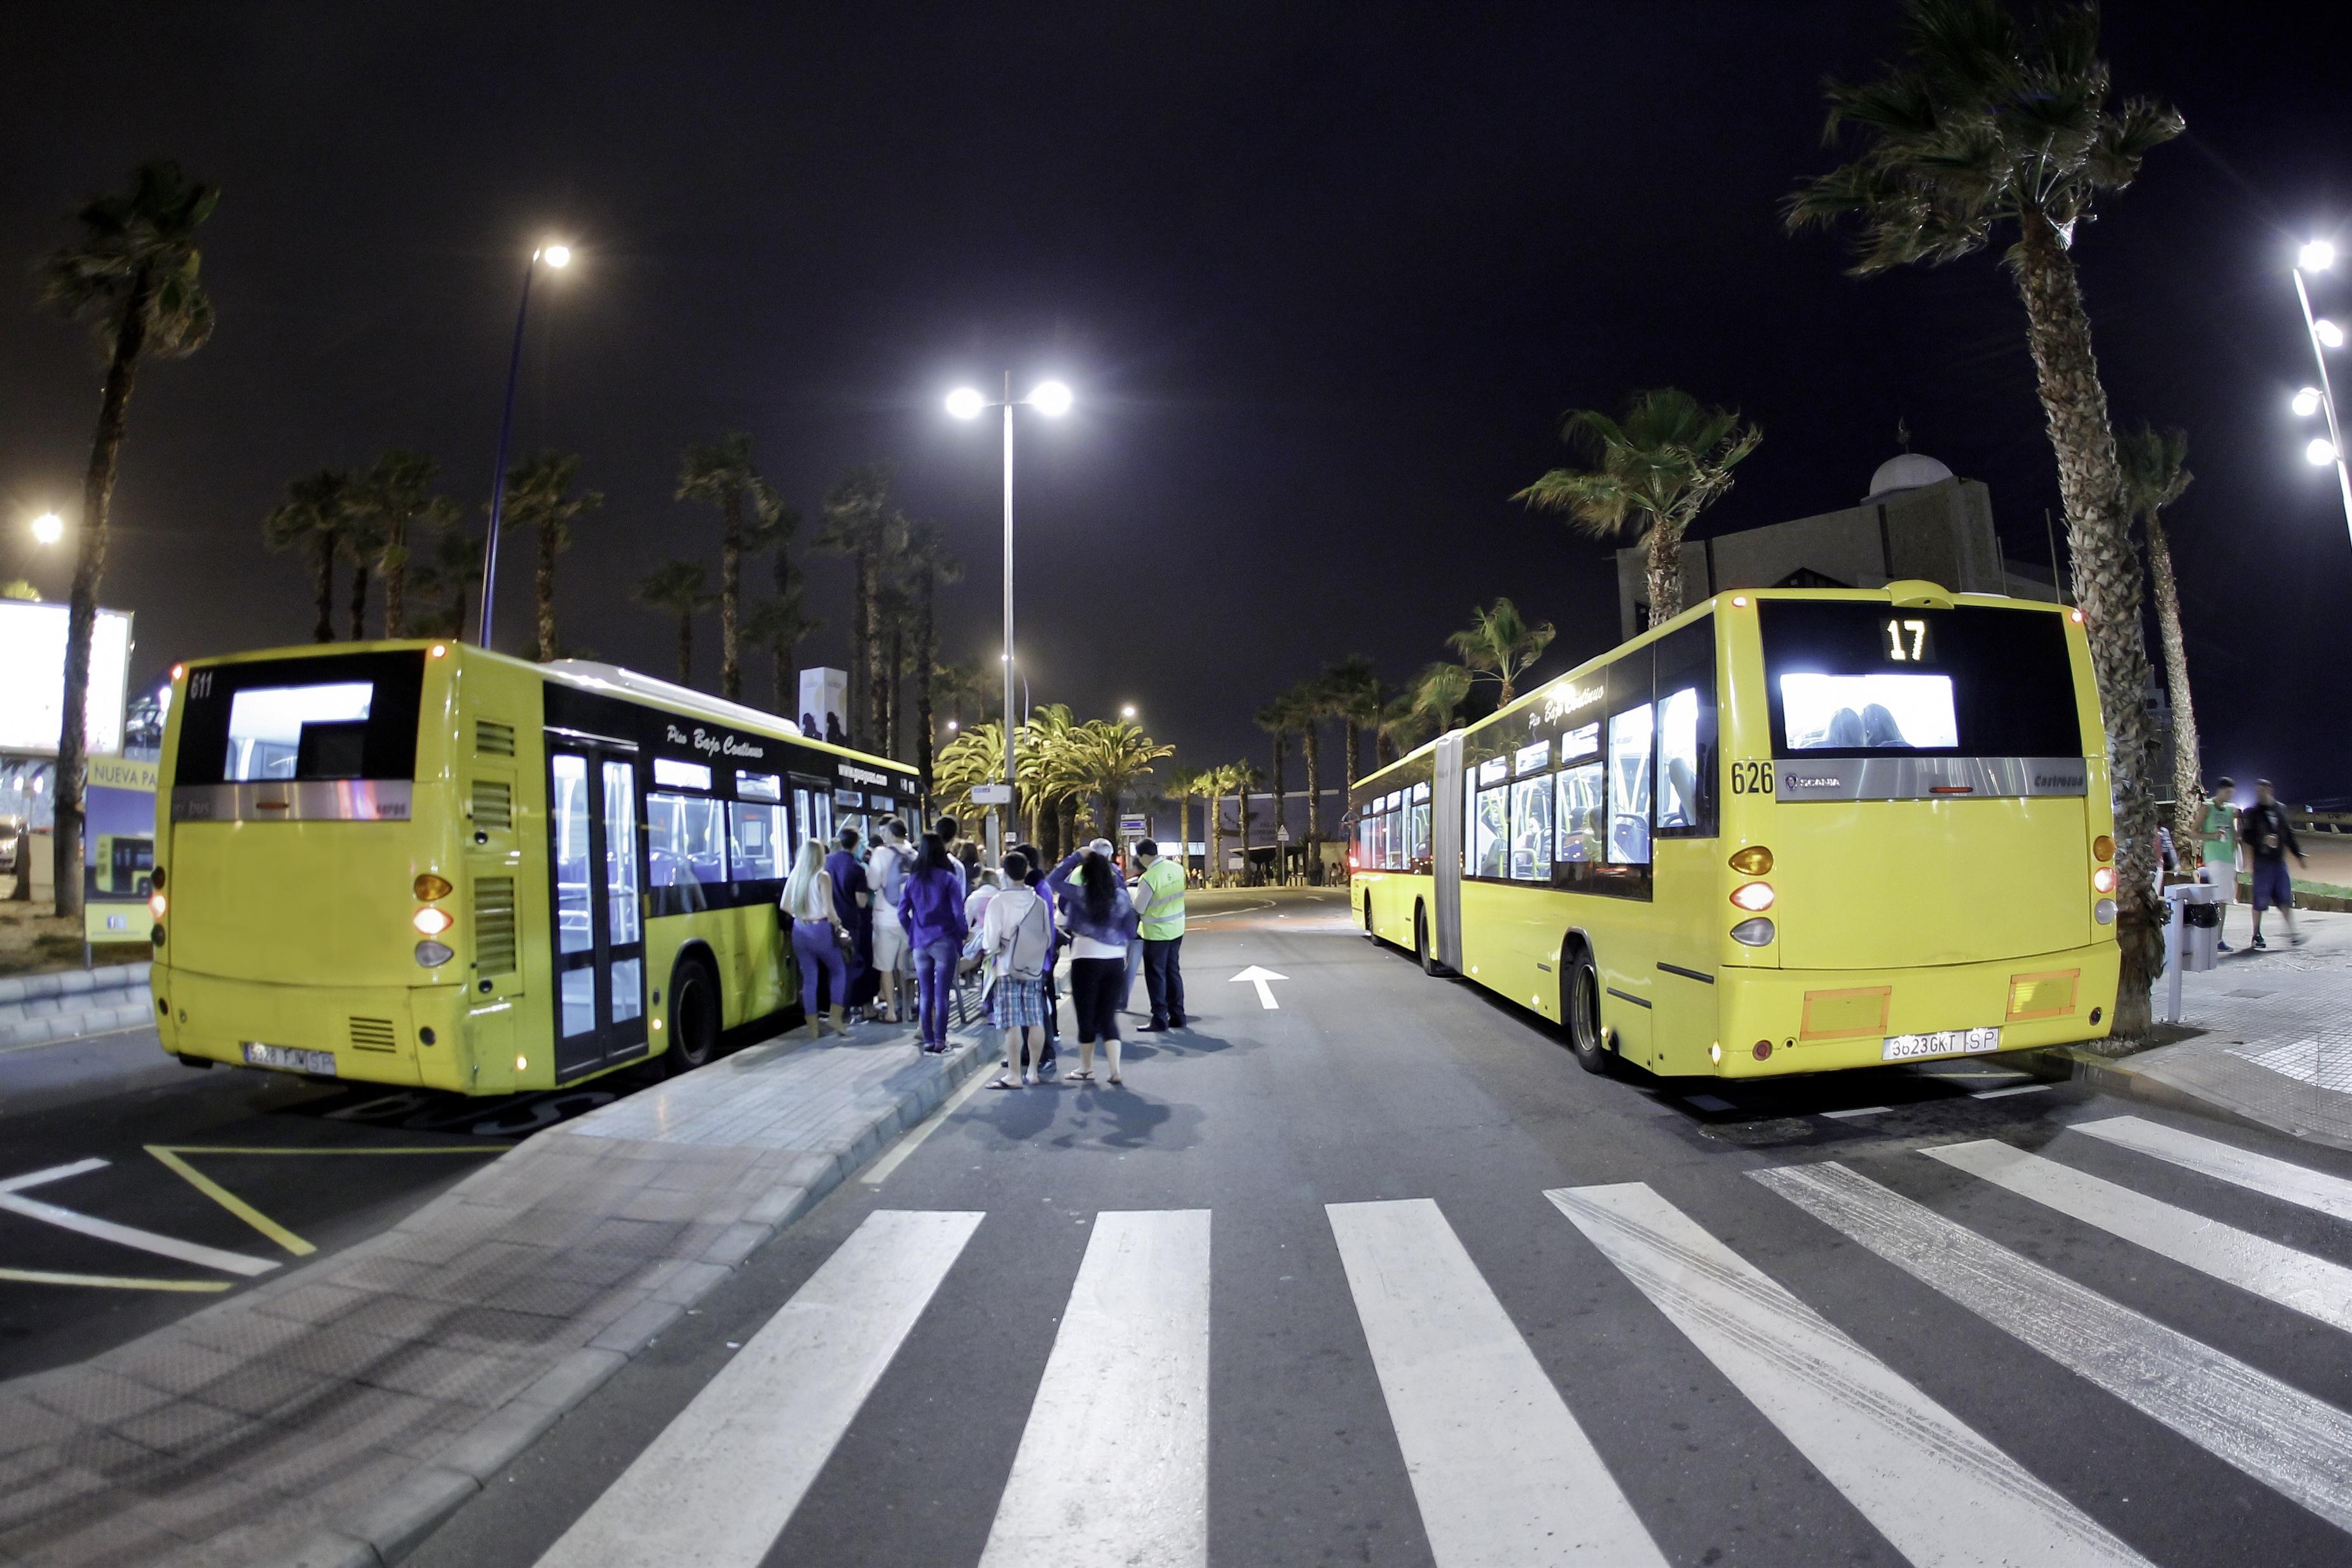 Guaguas Municipales de Las Palmas de Gran Canaria aumenta la rapidez de 25 líneas gracias a las »paradas dobles»